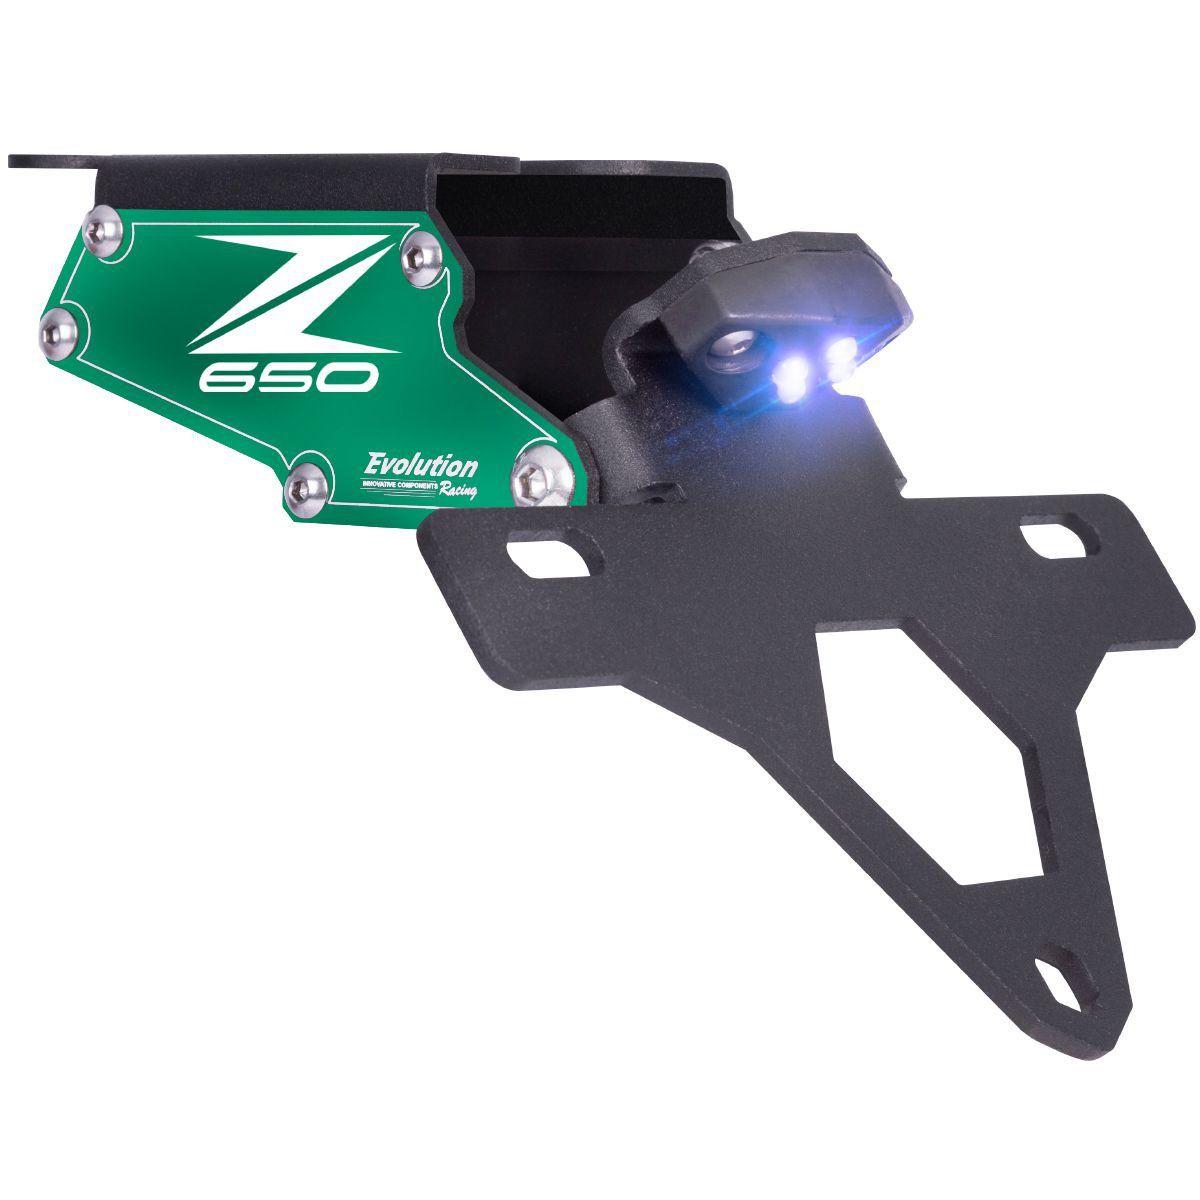 Suporte de Placa Eliminador de Rabeta Articulado Z650 Z 650